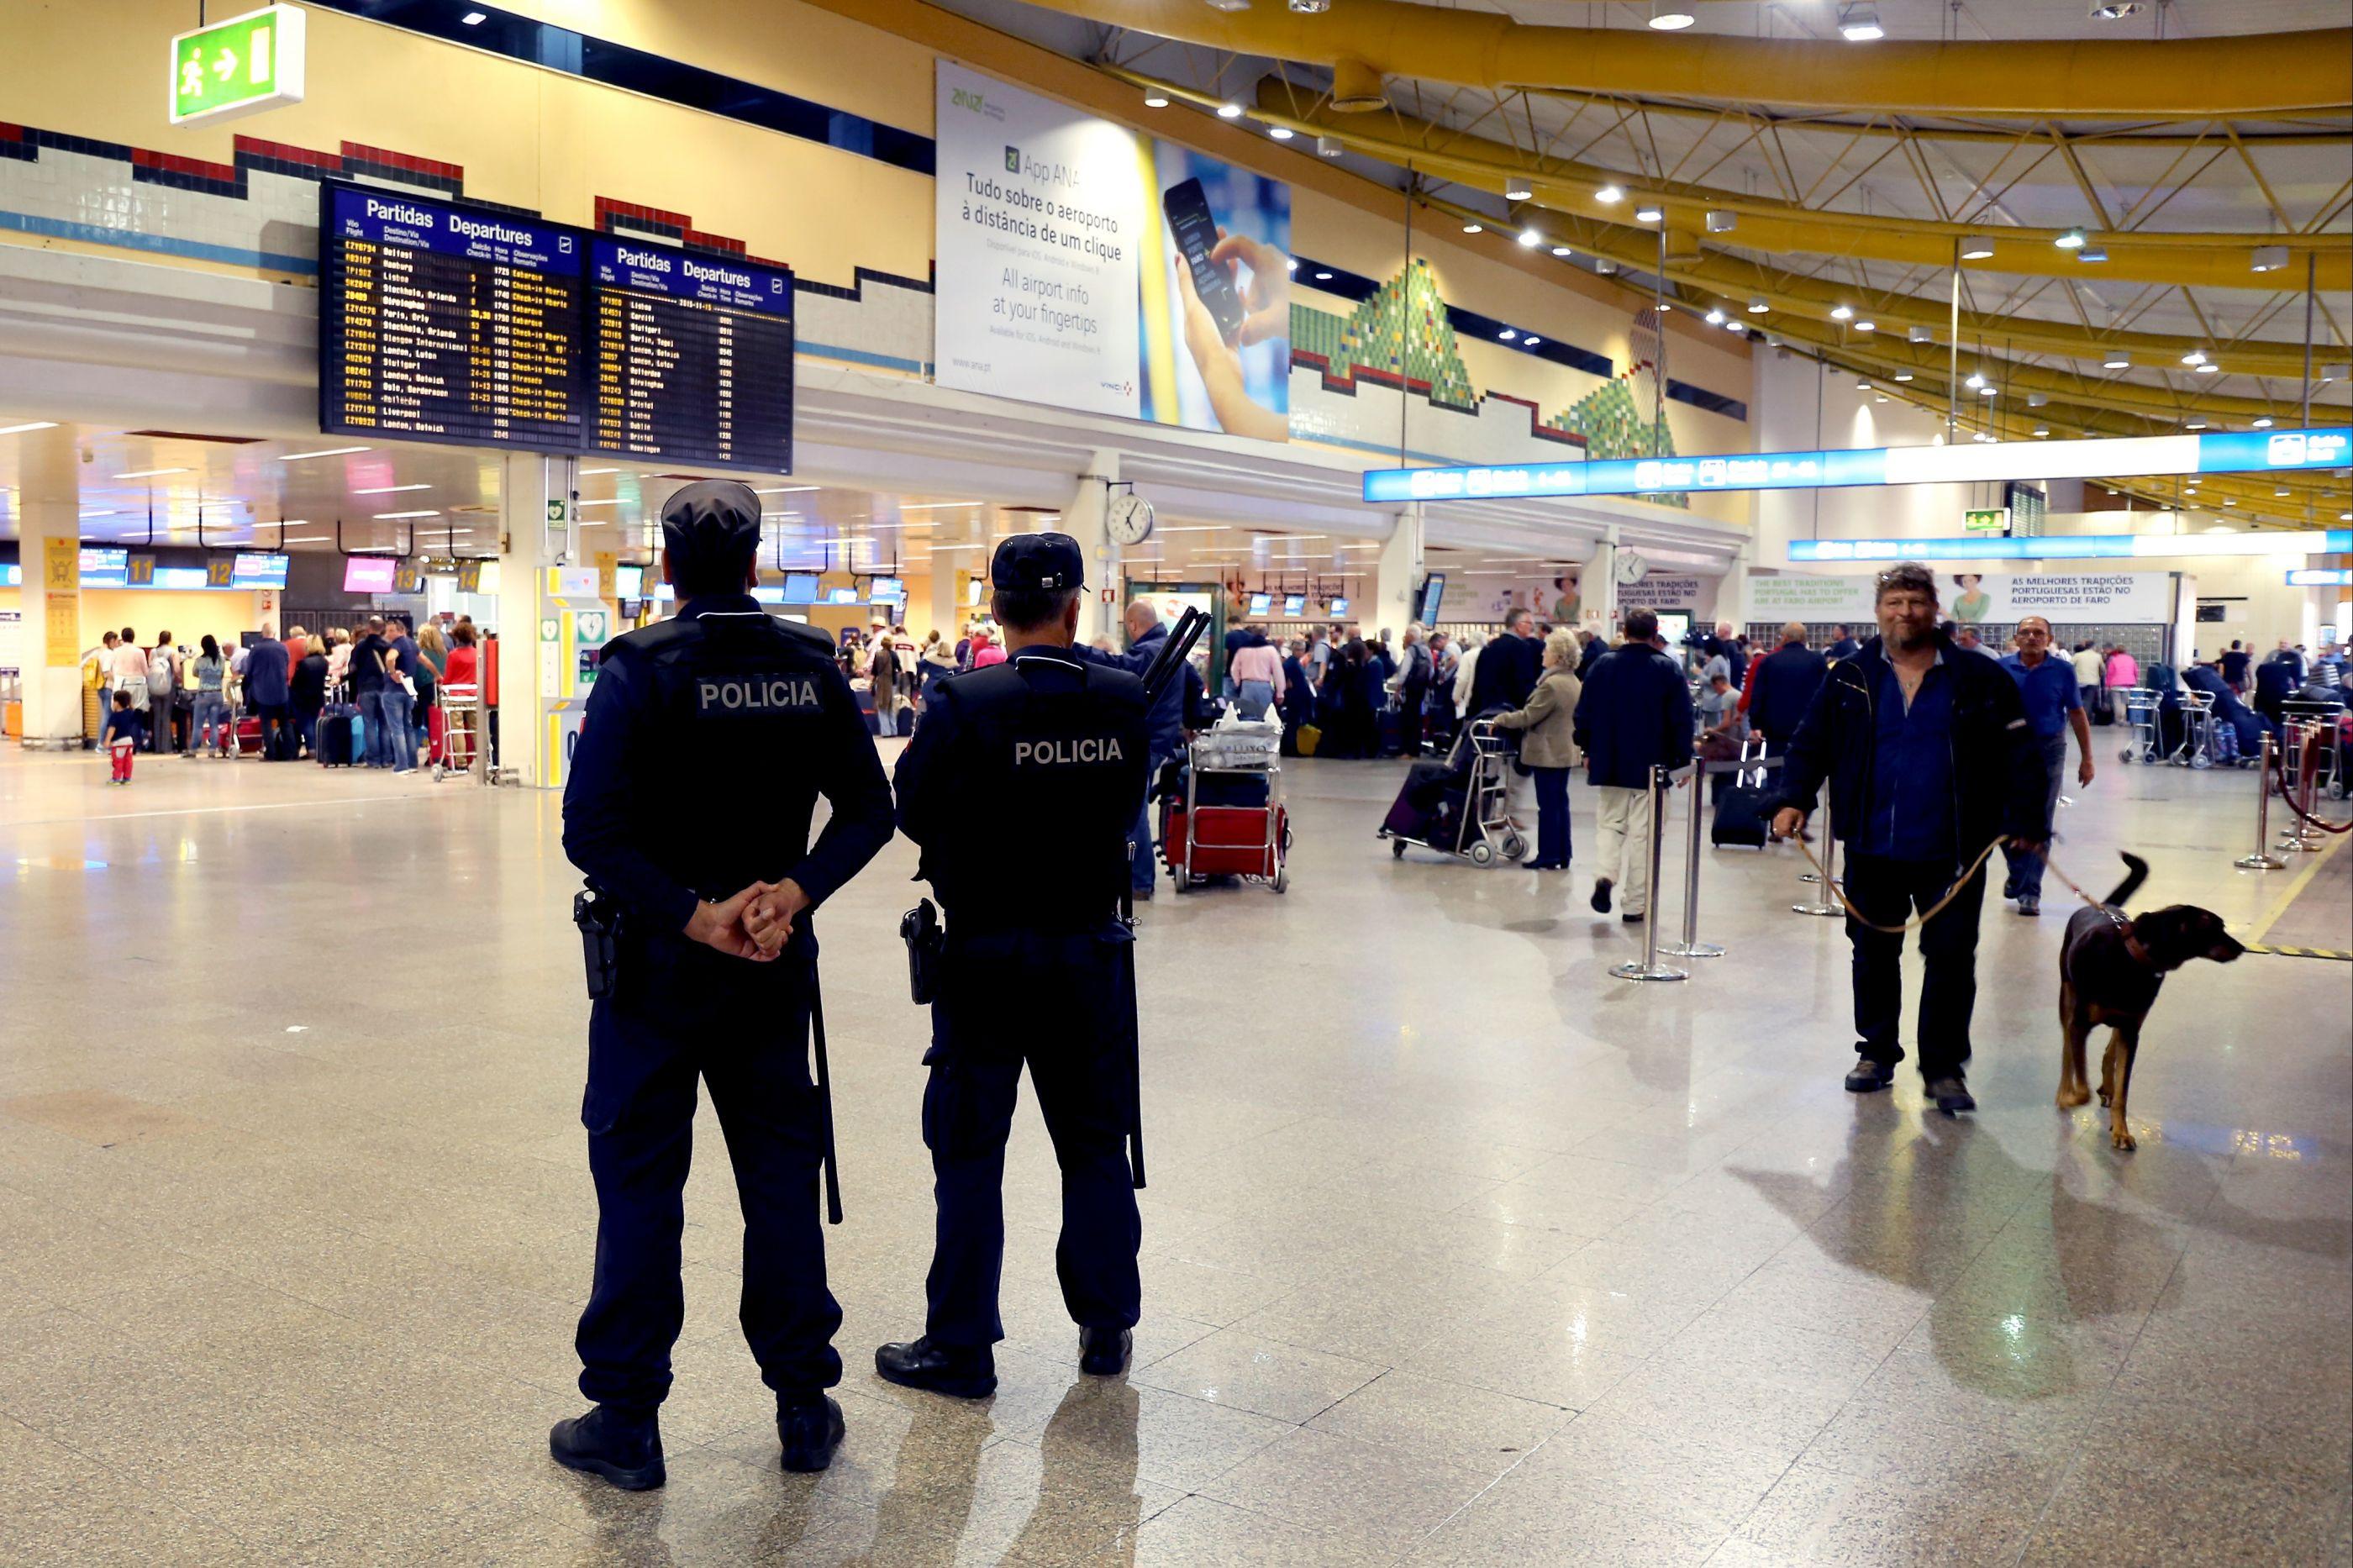 Emprego. Aeroporto de Faro está a recrutar e tem 100 vagas